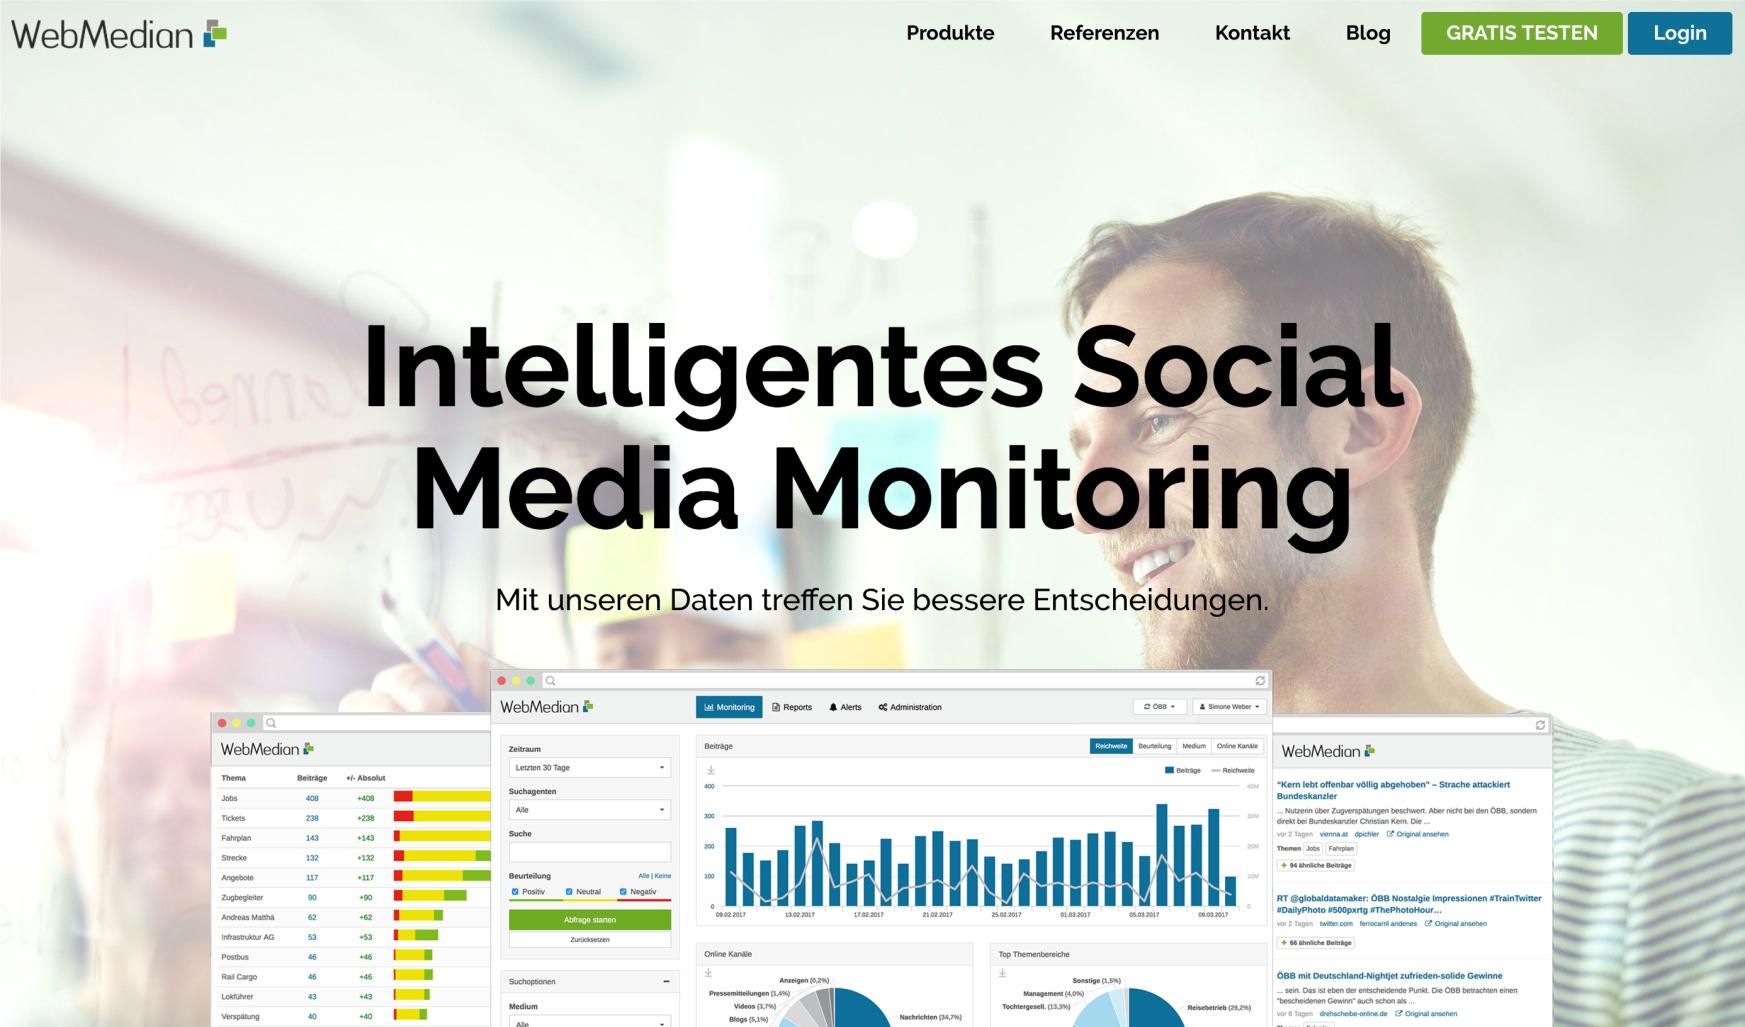 webmedian social media monitoring